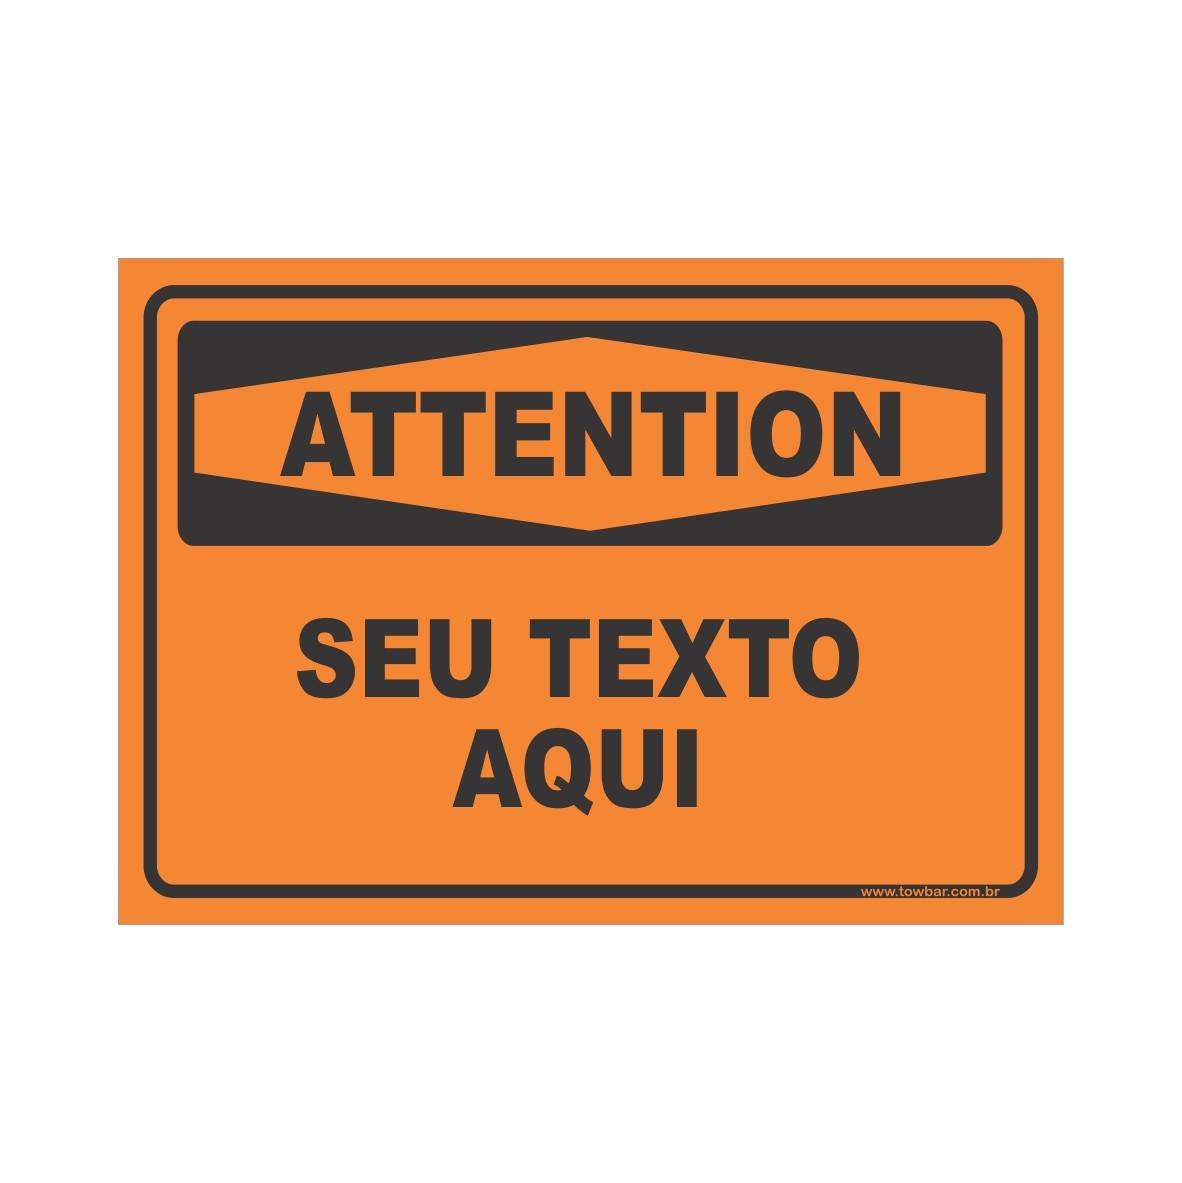 Attention  - Towbar Sinalização de Segurança